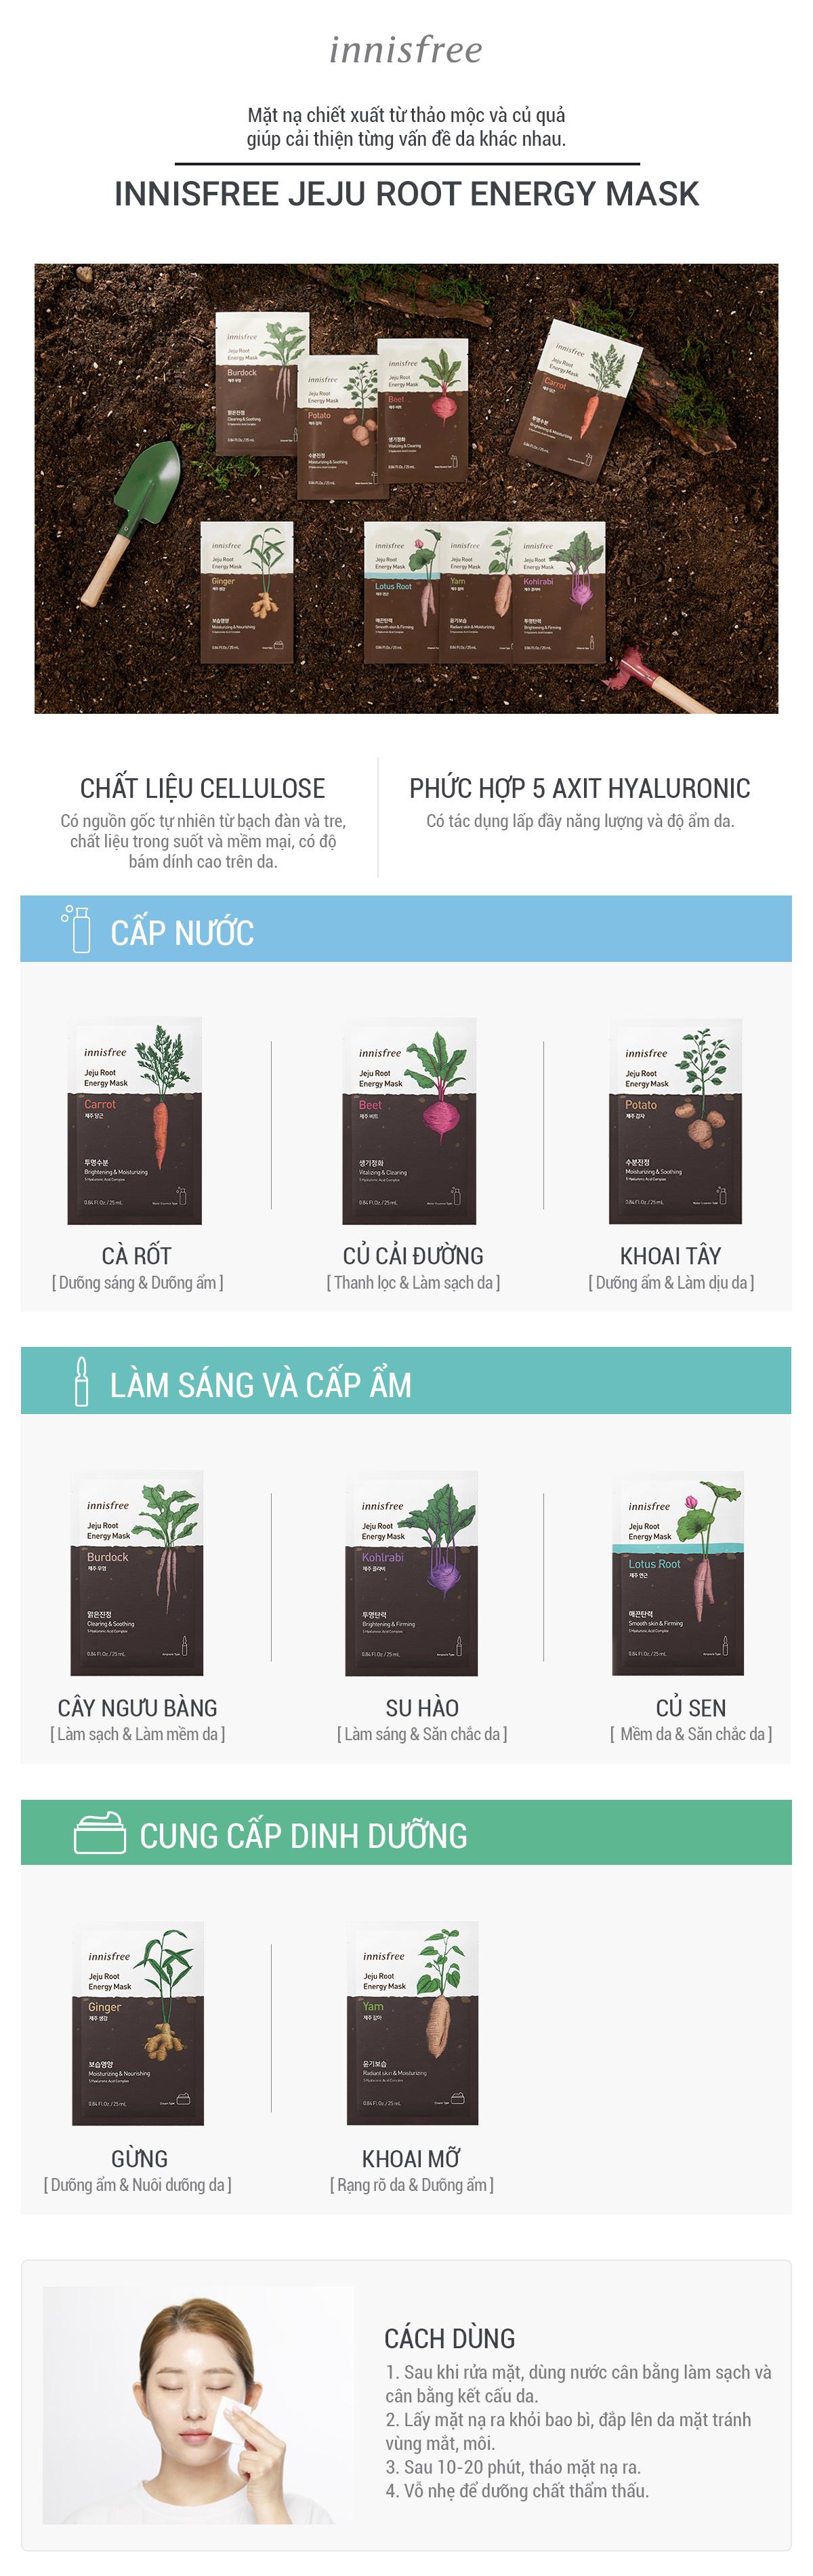 Mặt nạ phục hồi và nuôi dưỡng da từ củ cải đường Innisfree Jeju Root Energy Mask [Beet] 25ml - 131172619